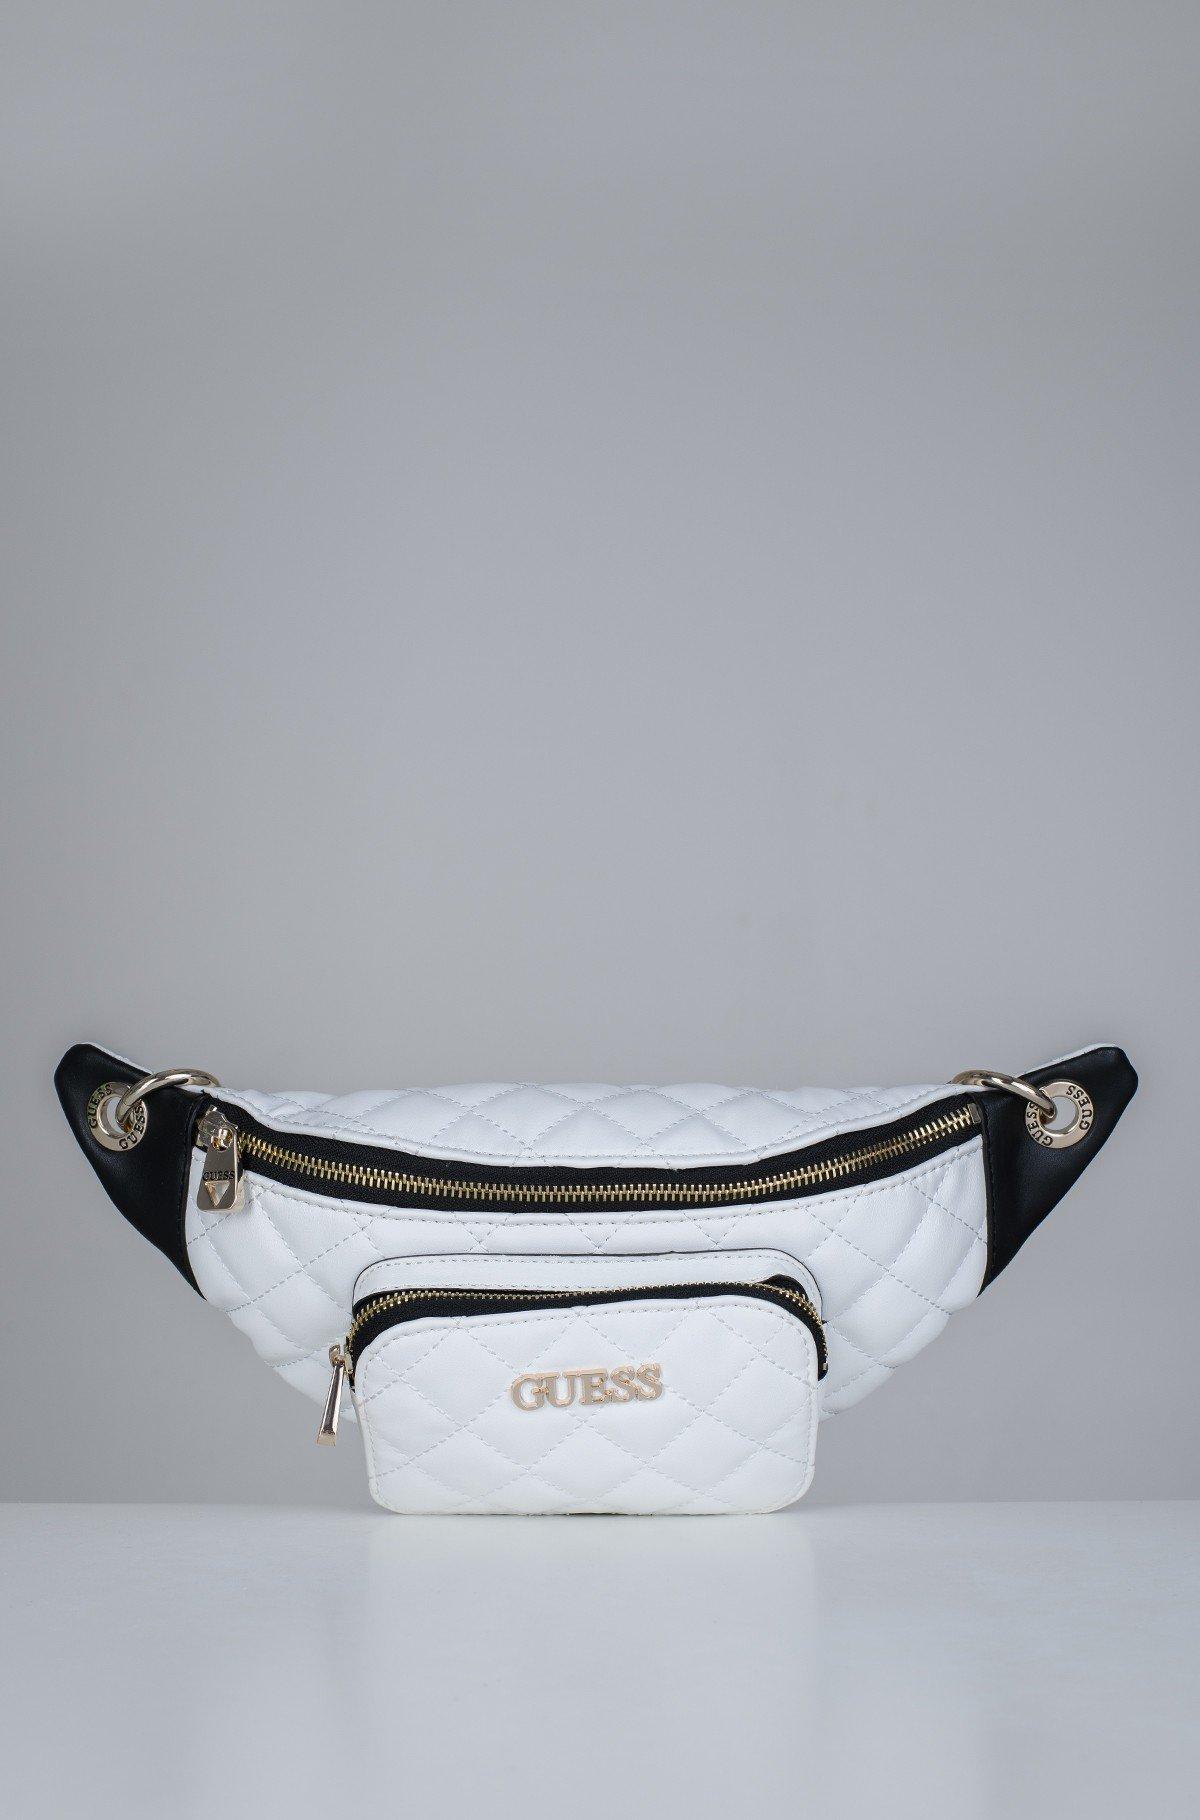 Bum bag HWVG79 70800-full-2